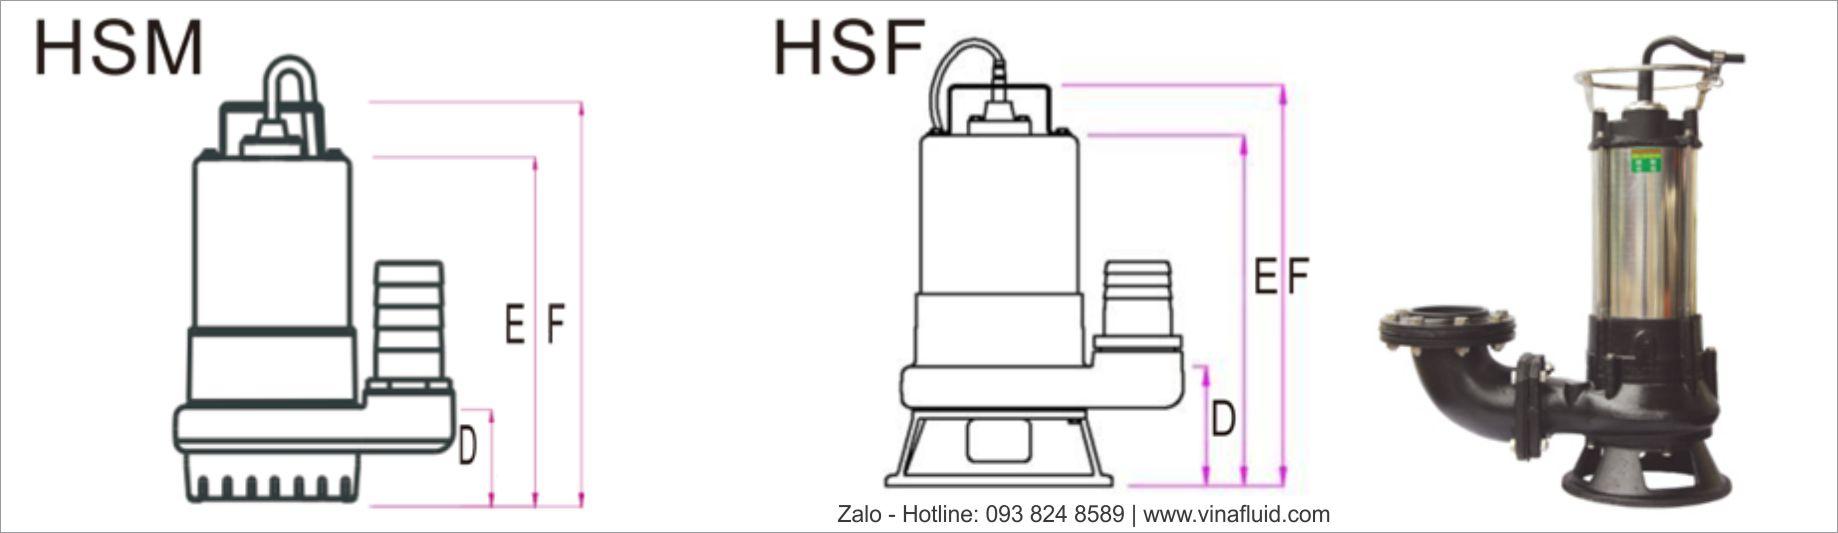 Bơm nước thải NTP HSF vs HSM